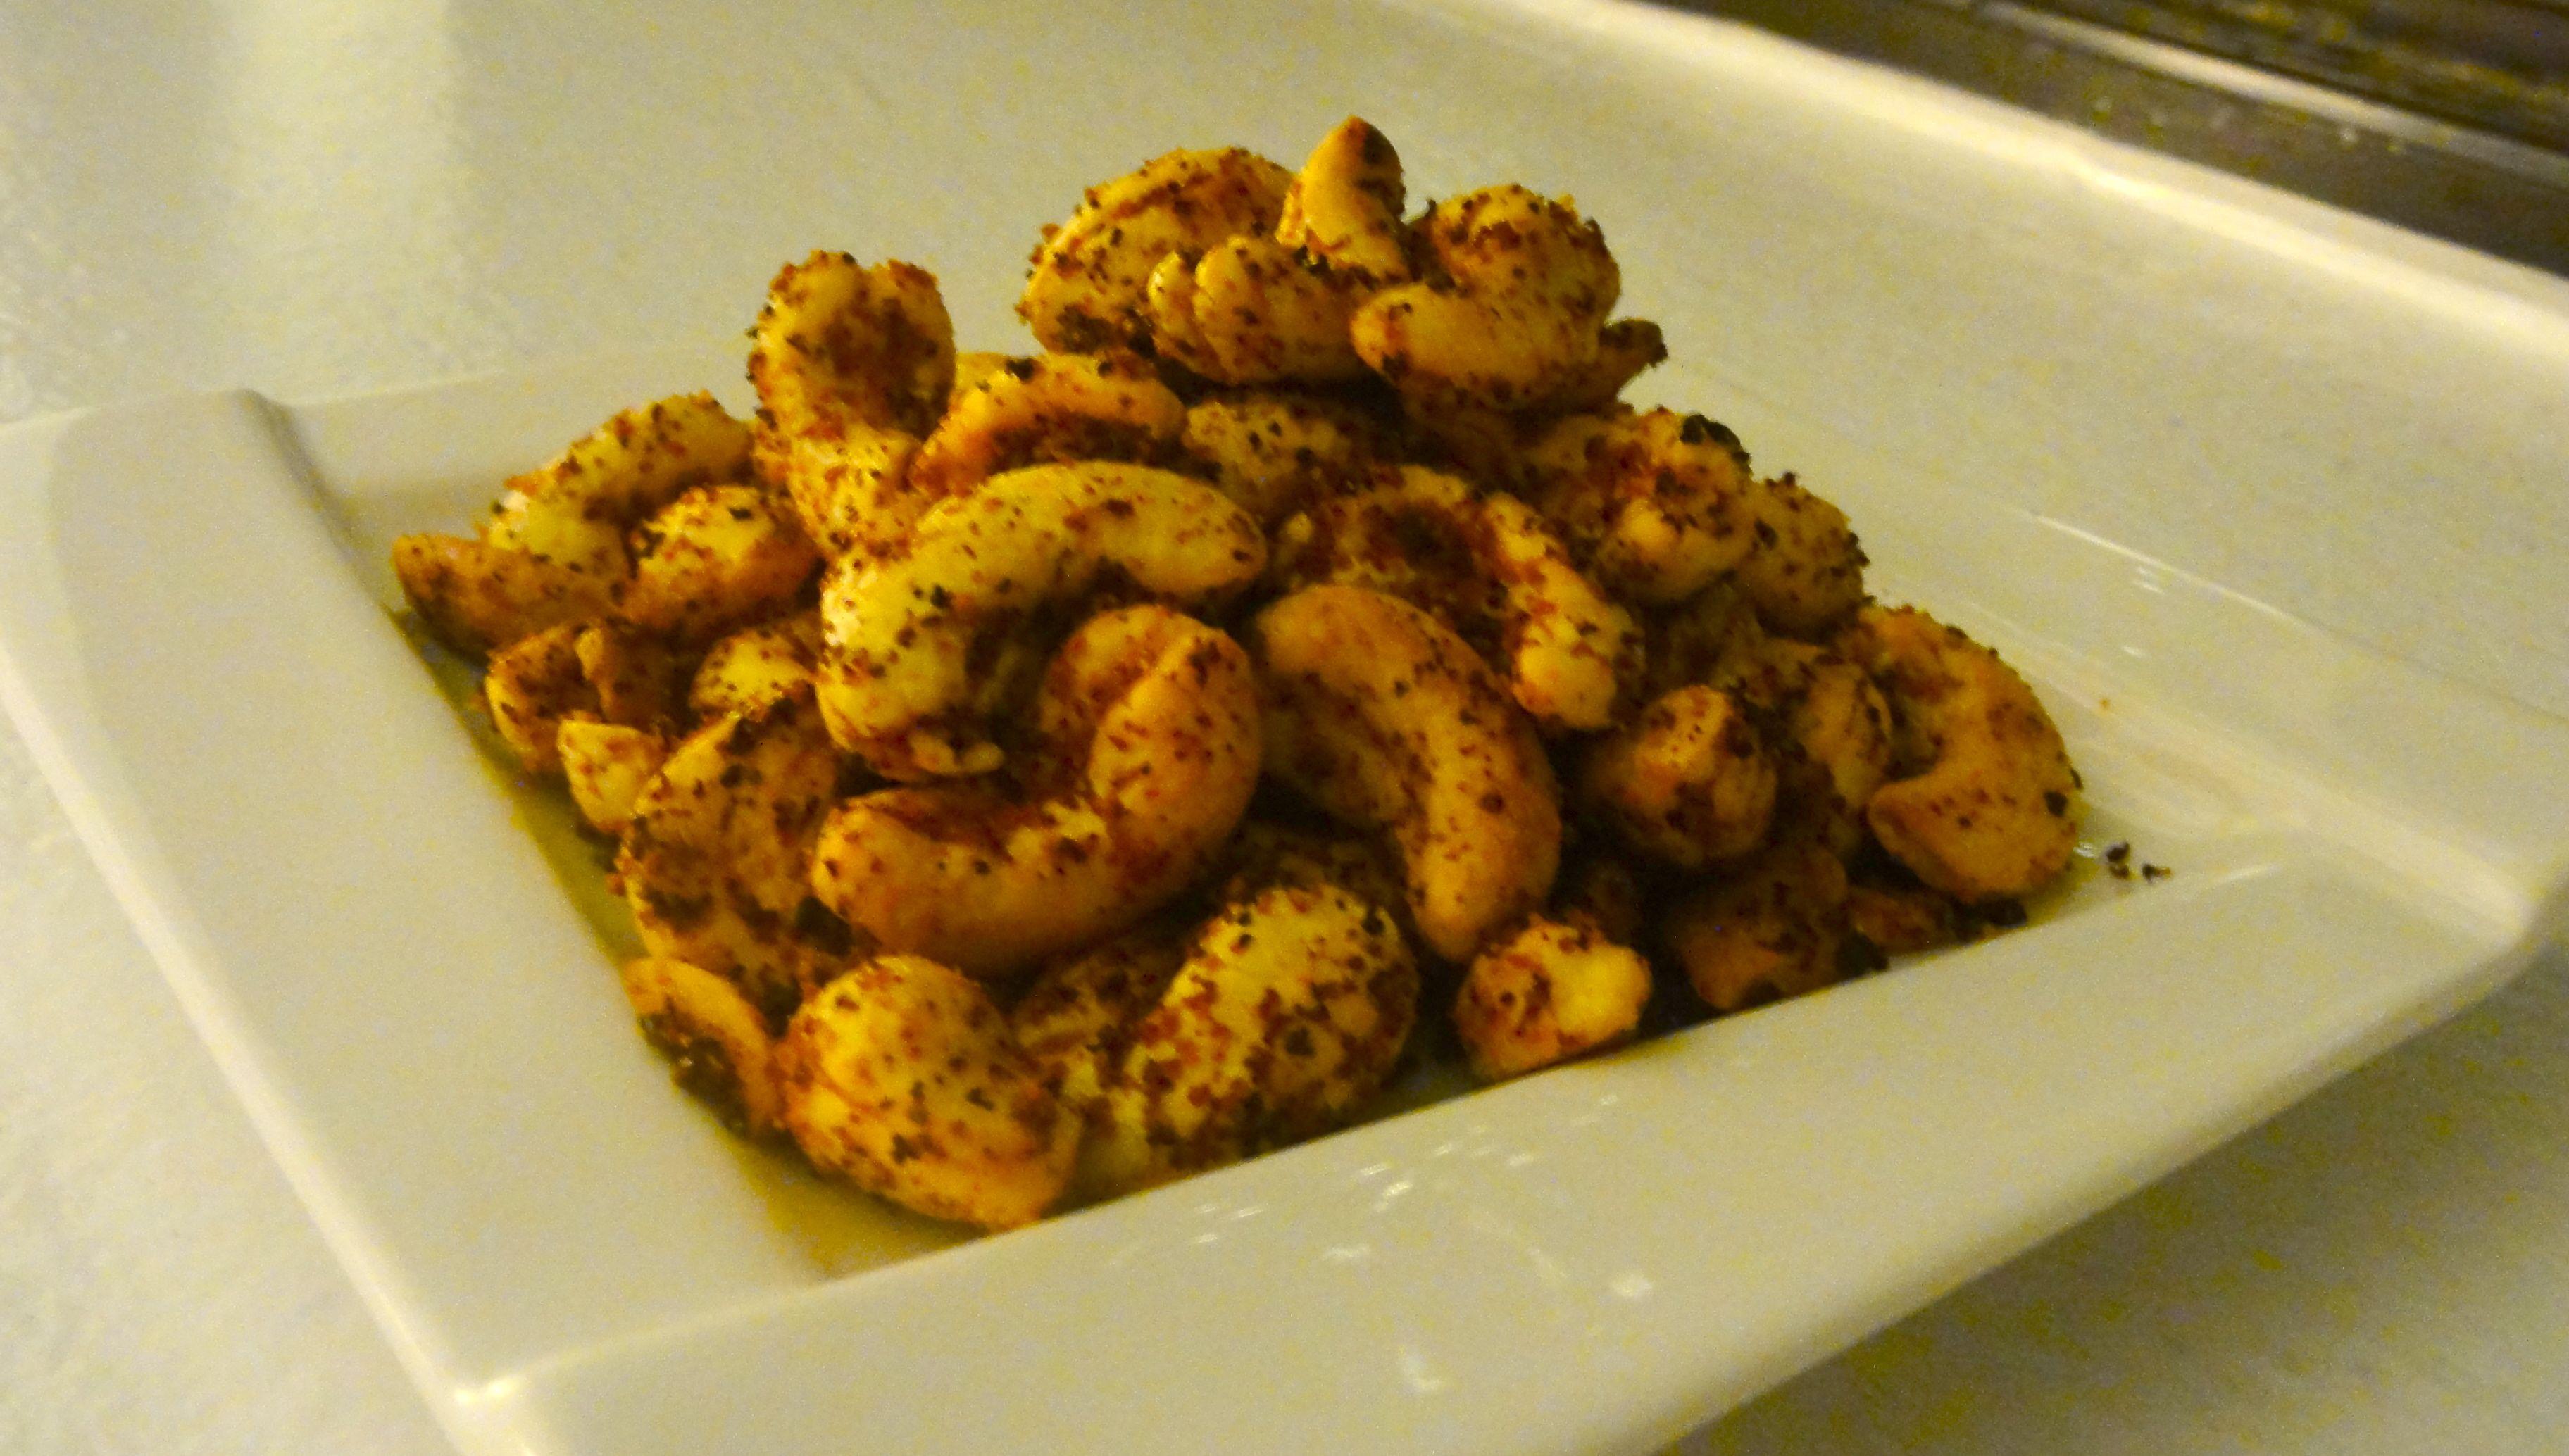 Roasted Chili Garlic Spiced Cashews Chef Priyanka Vegan Celebrity Chef Tv Host Author